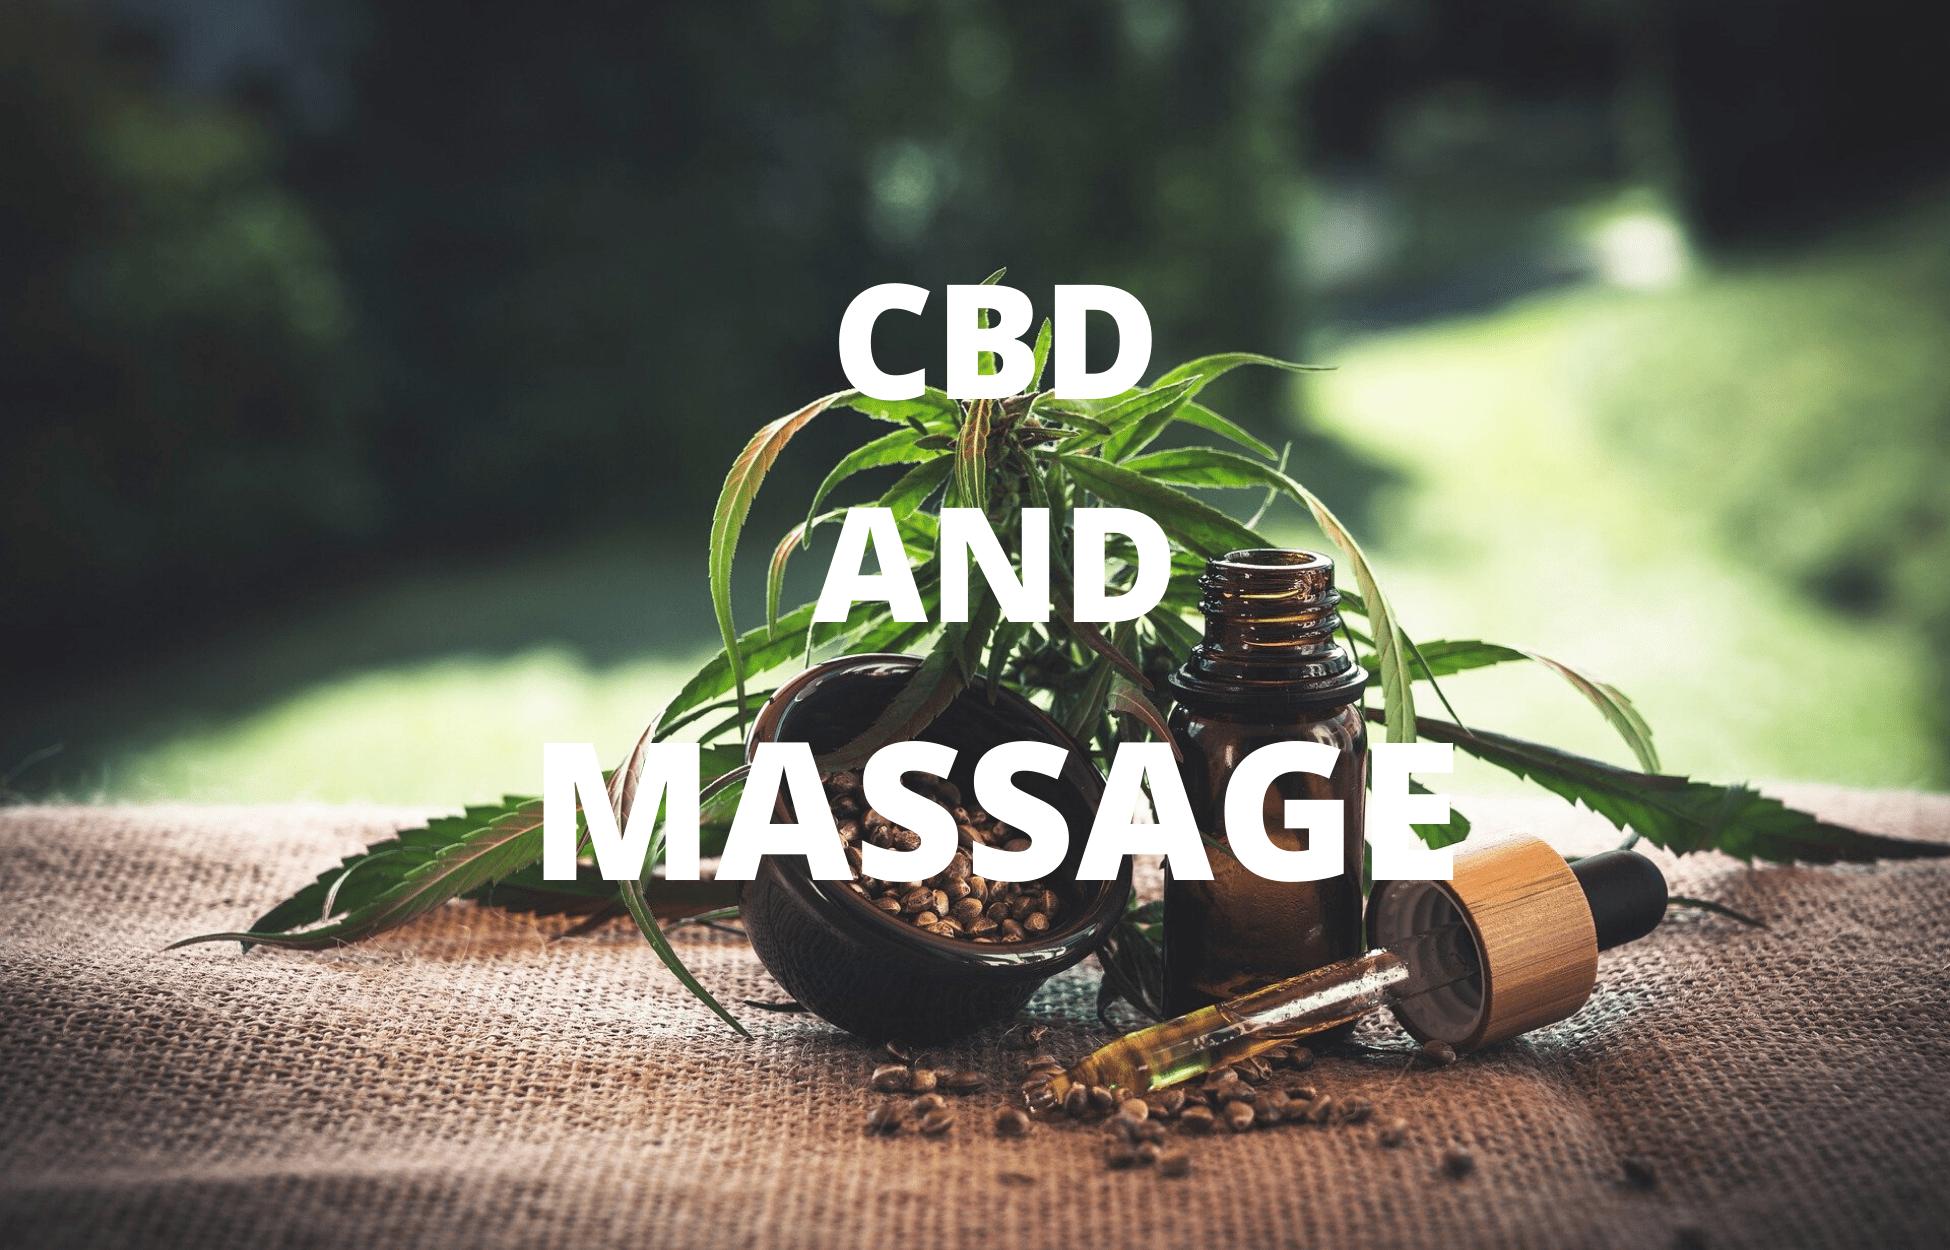 cbd-and-massage-wa-seattle